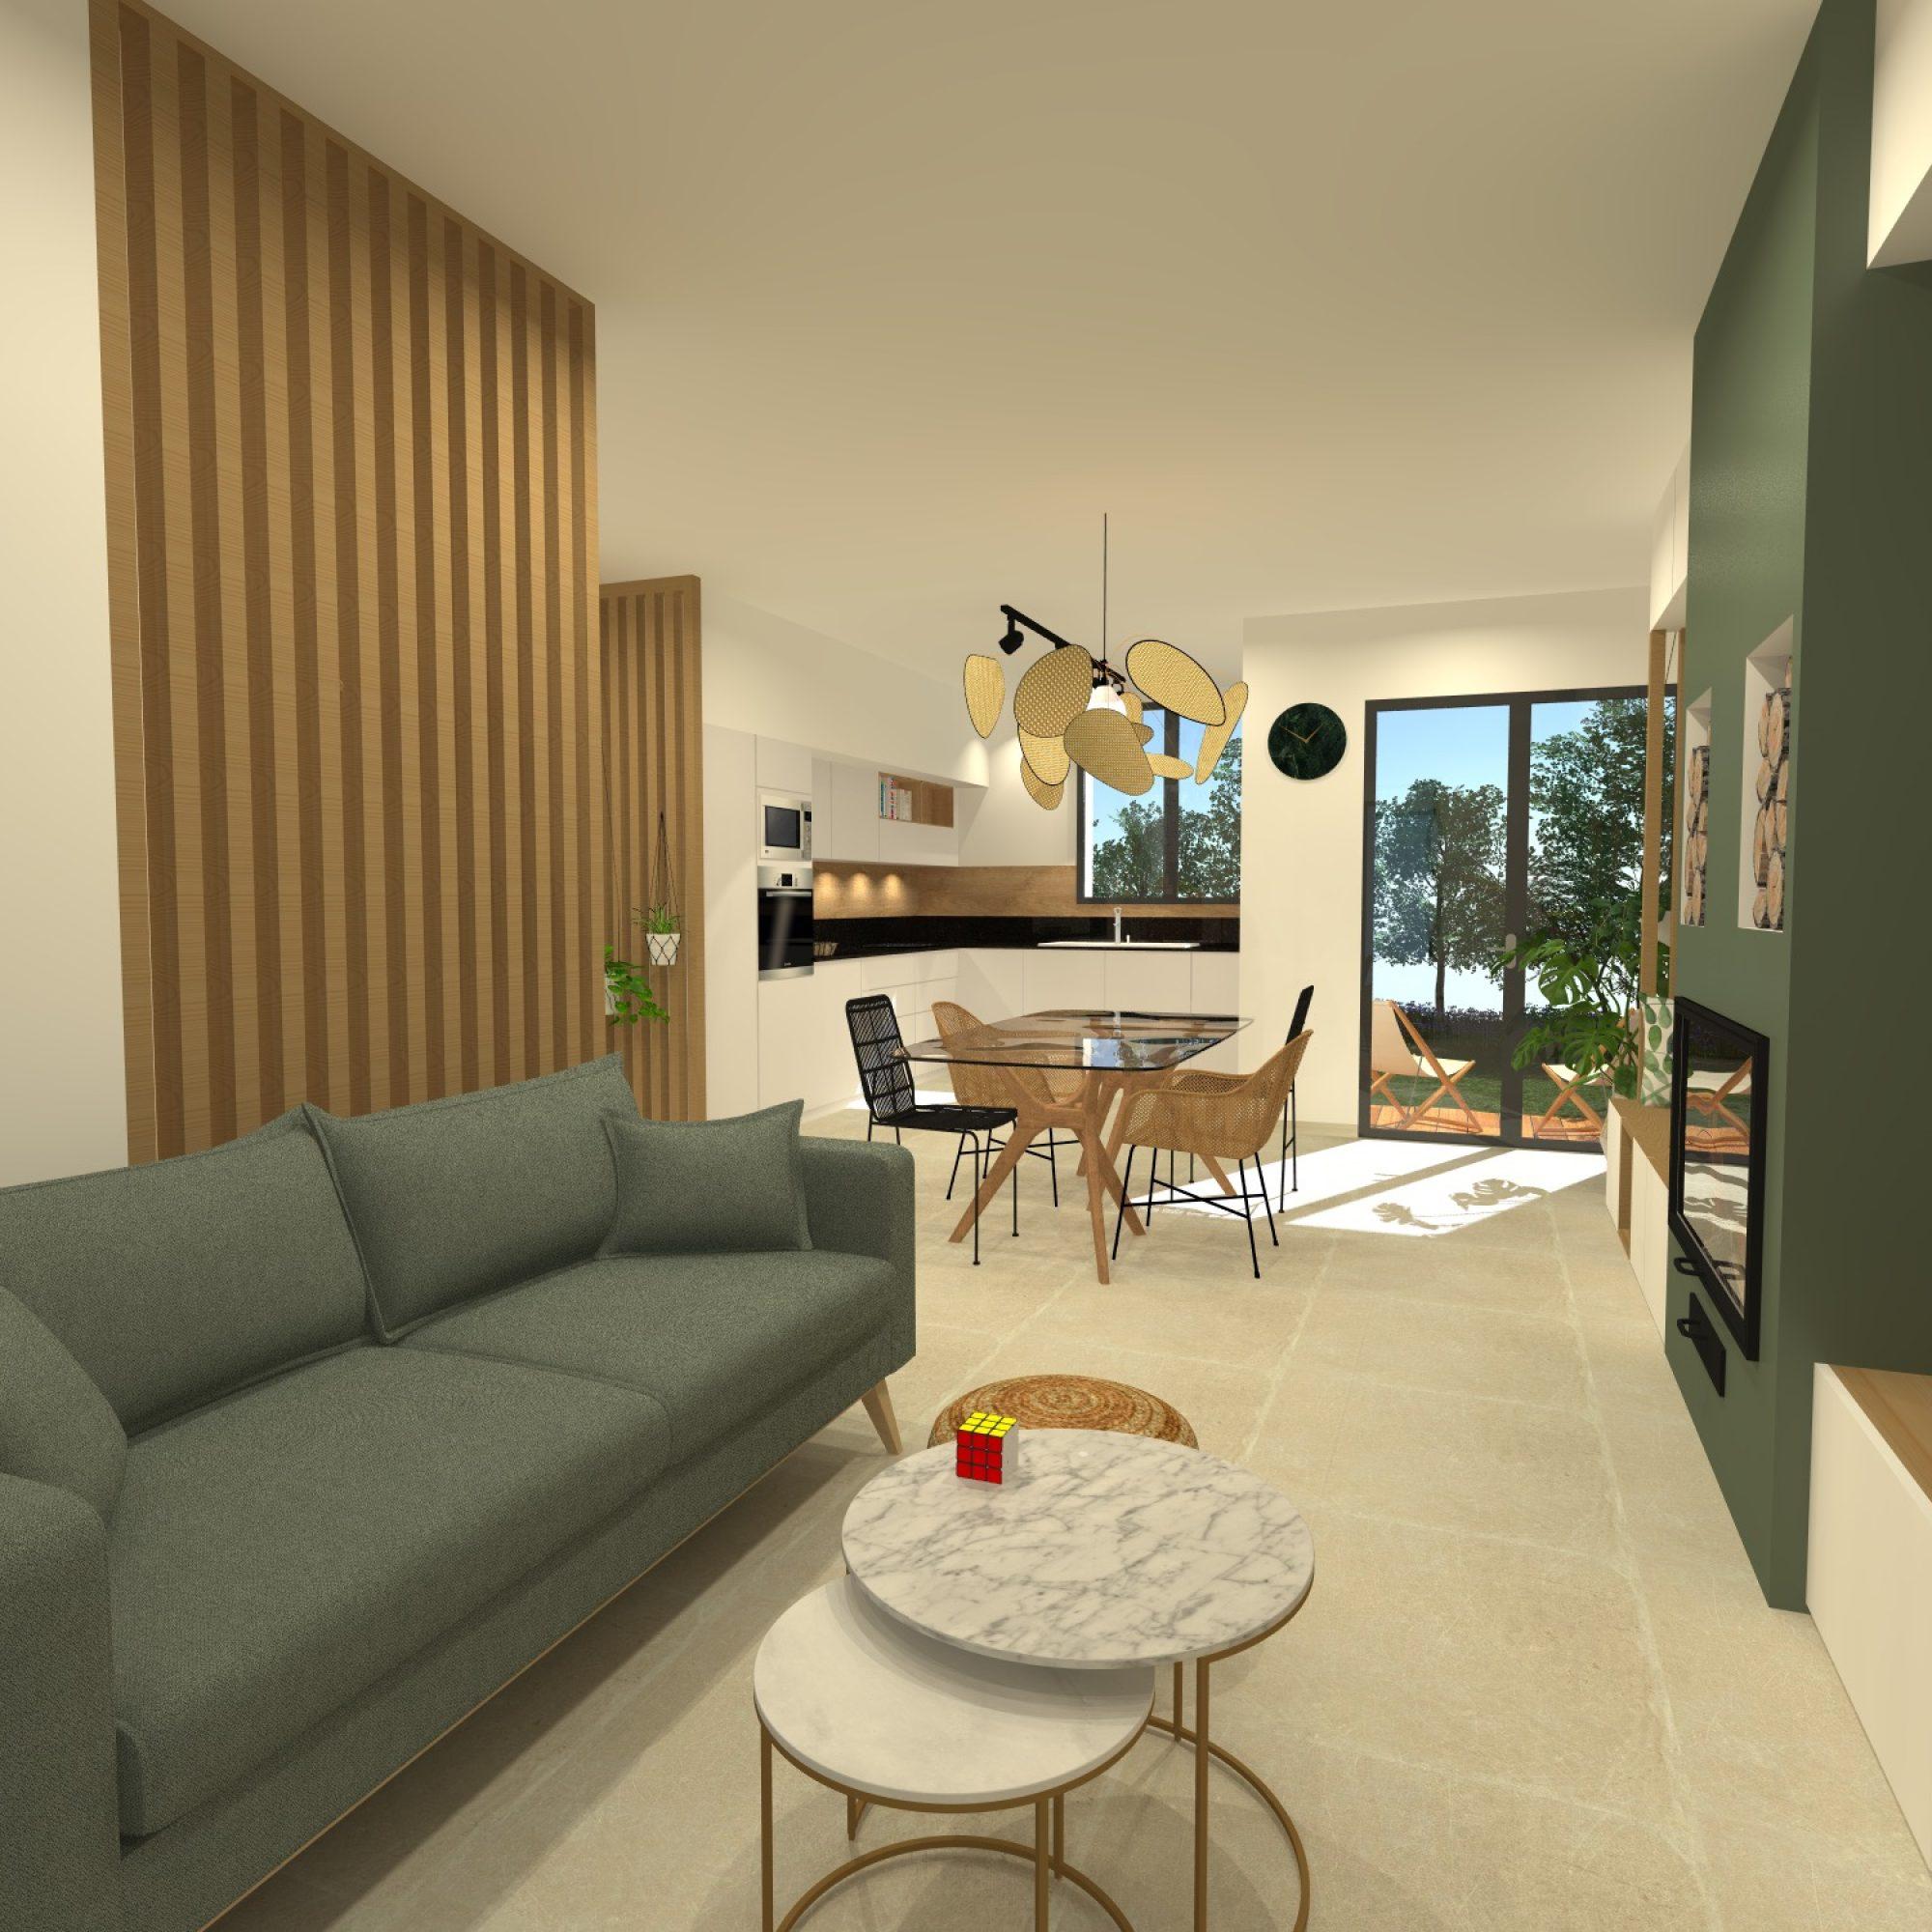 renovation-travaux-architecte-mauguio-decoratateur-architectedinterieur-montpellier-cuisine-amenagement-ilot-chene-ameublement-surmesure-billard-herault-miele-travaux-construction-rochebobois-flos-veneta-osier